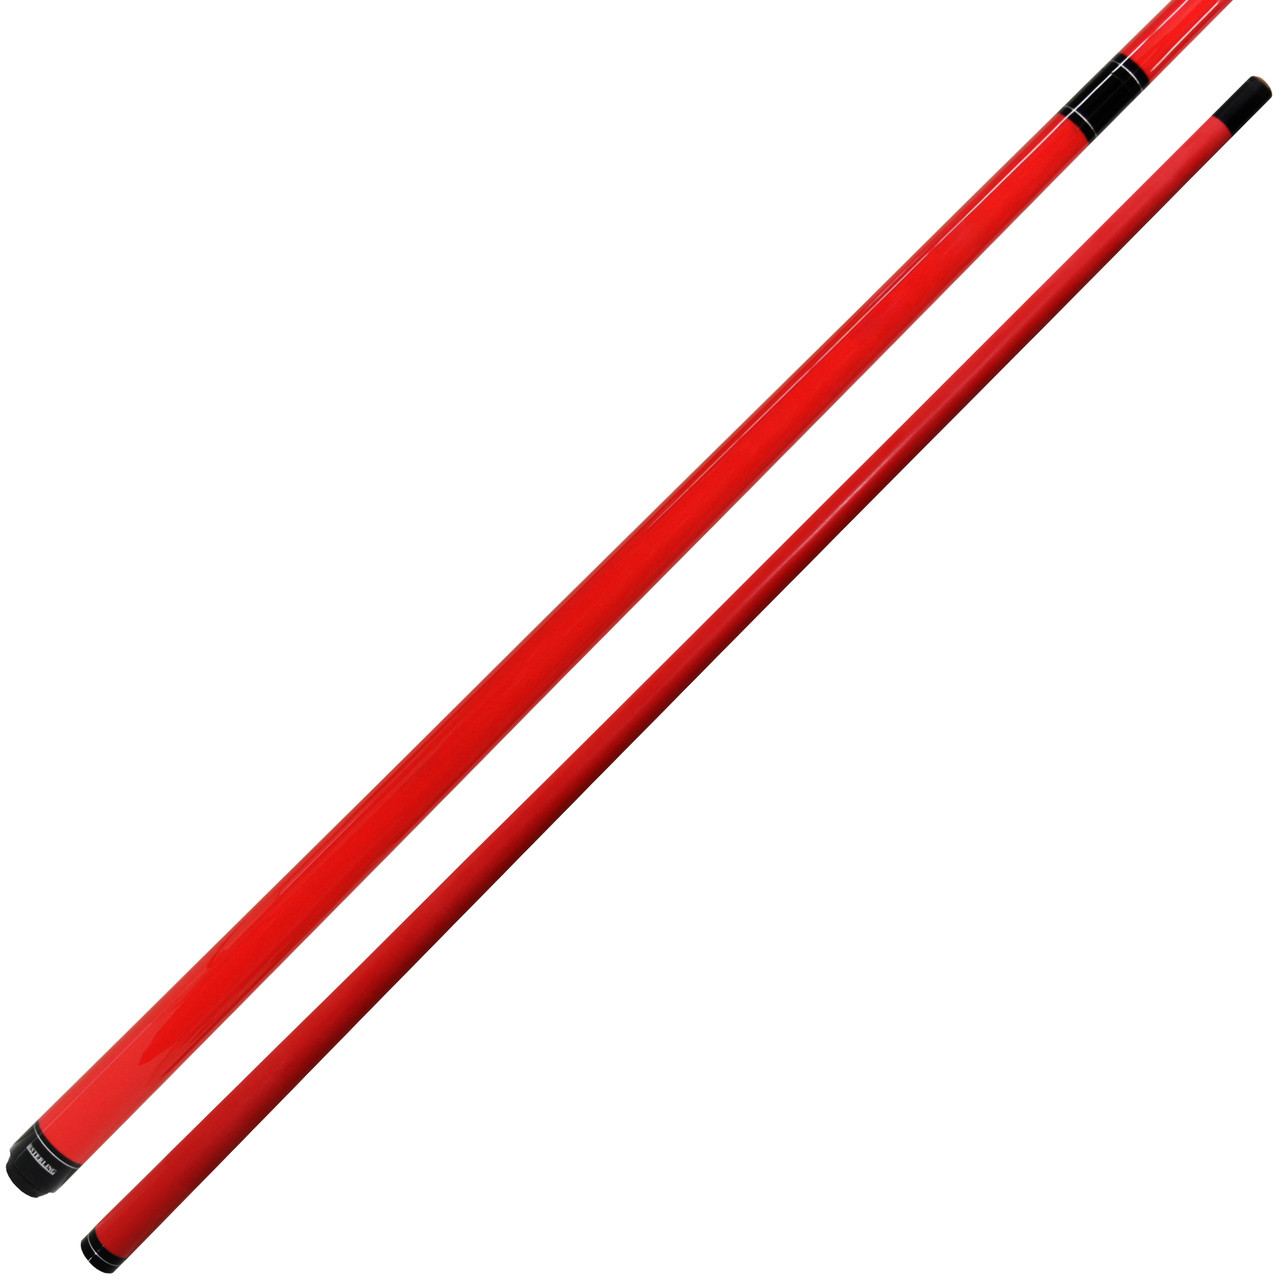 Sterling Prism Series Pool Cue - Red